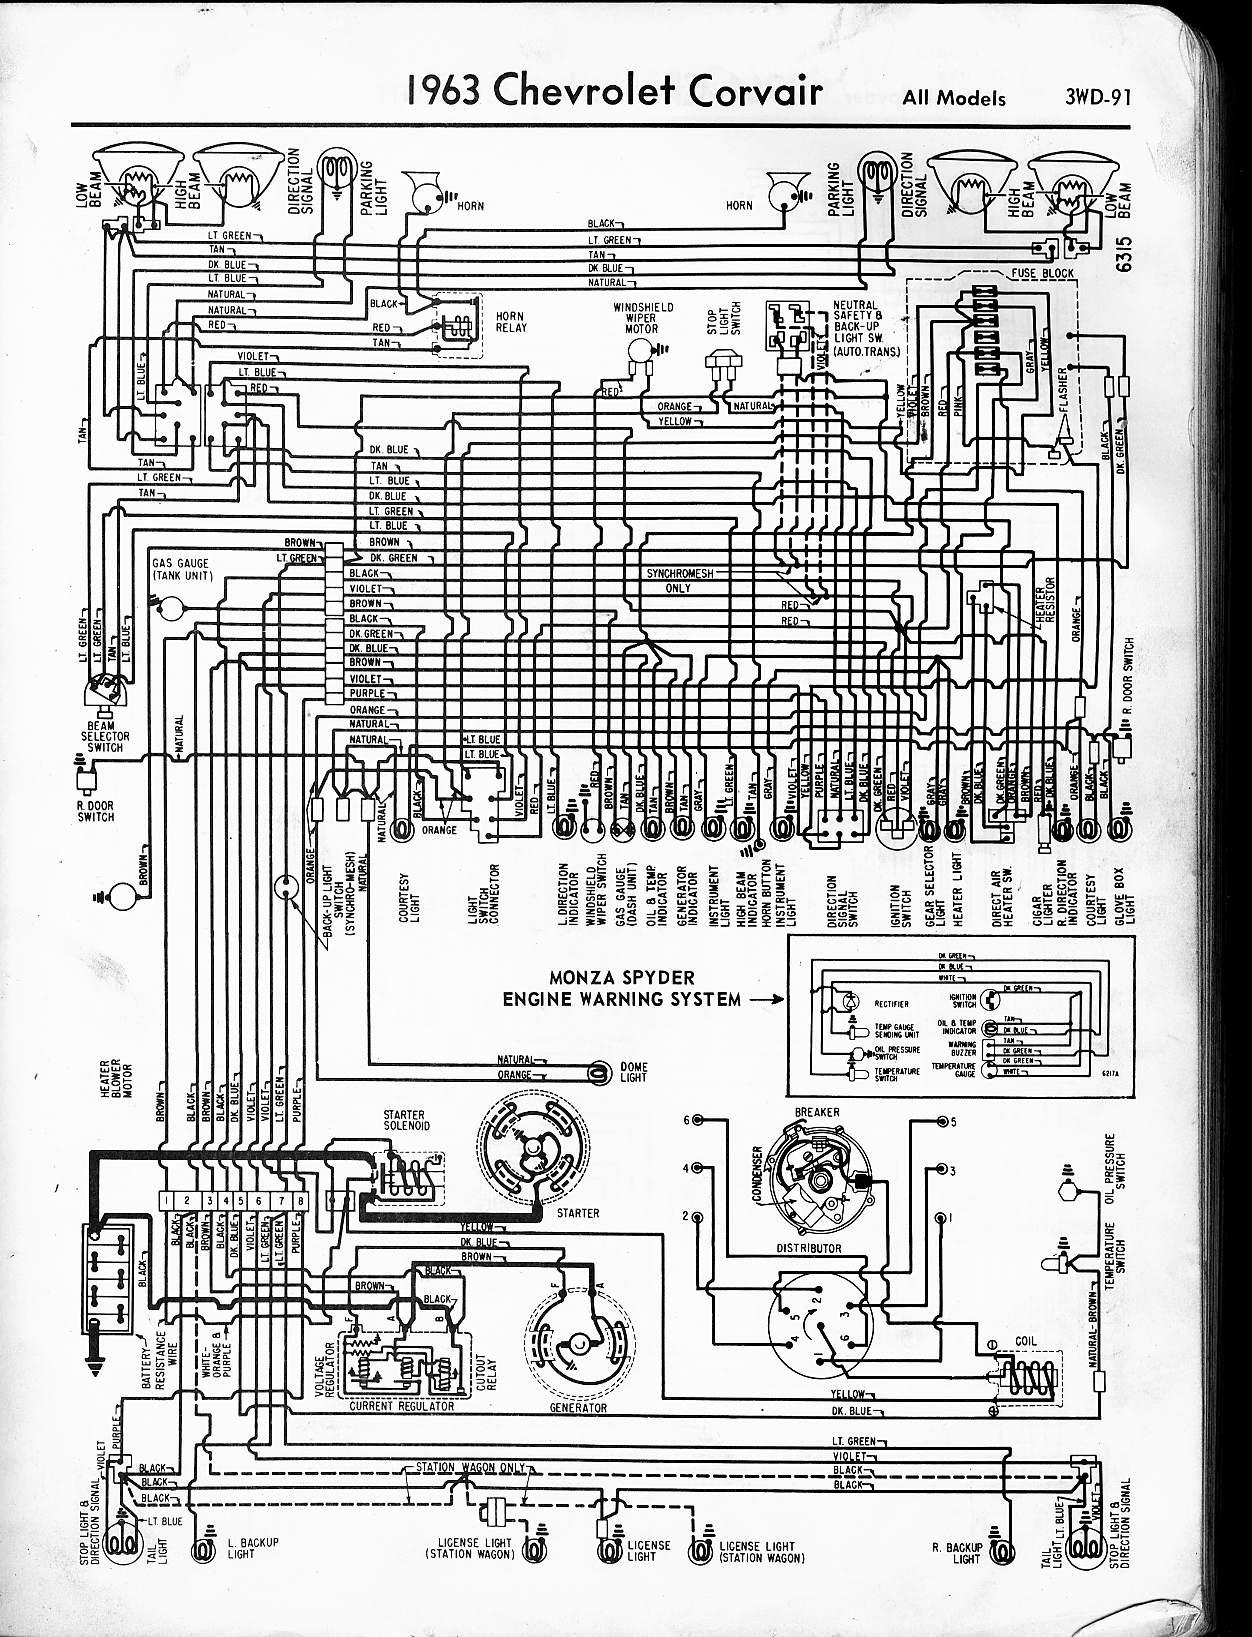 Swell 1976 Caprice Wiring Diagram Wiring Diagram Data Schema Wiring Cloud Xortanetembamohammedshrineorg